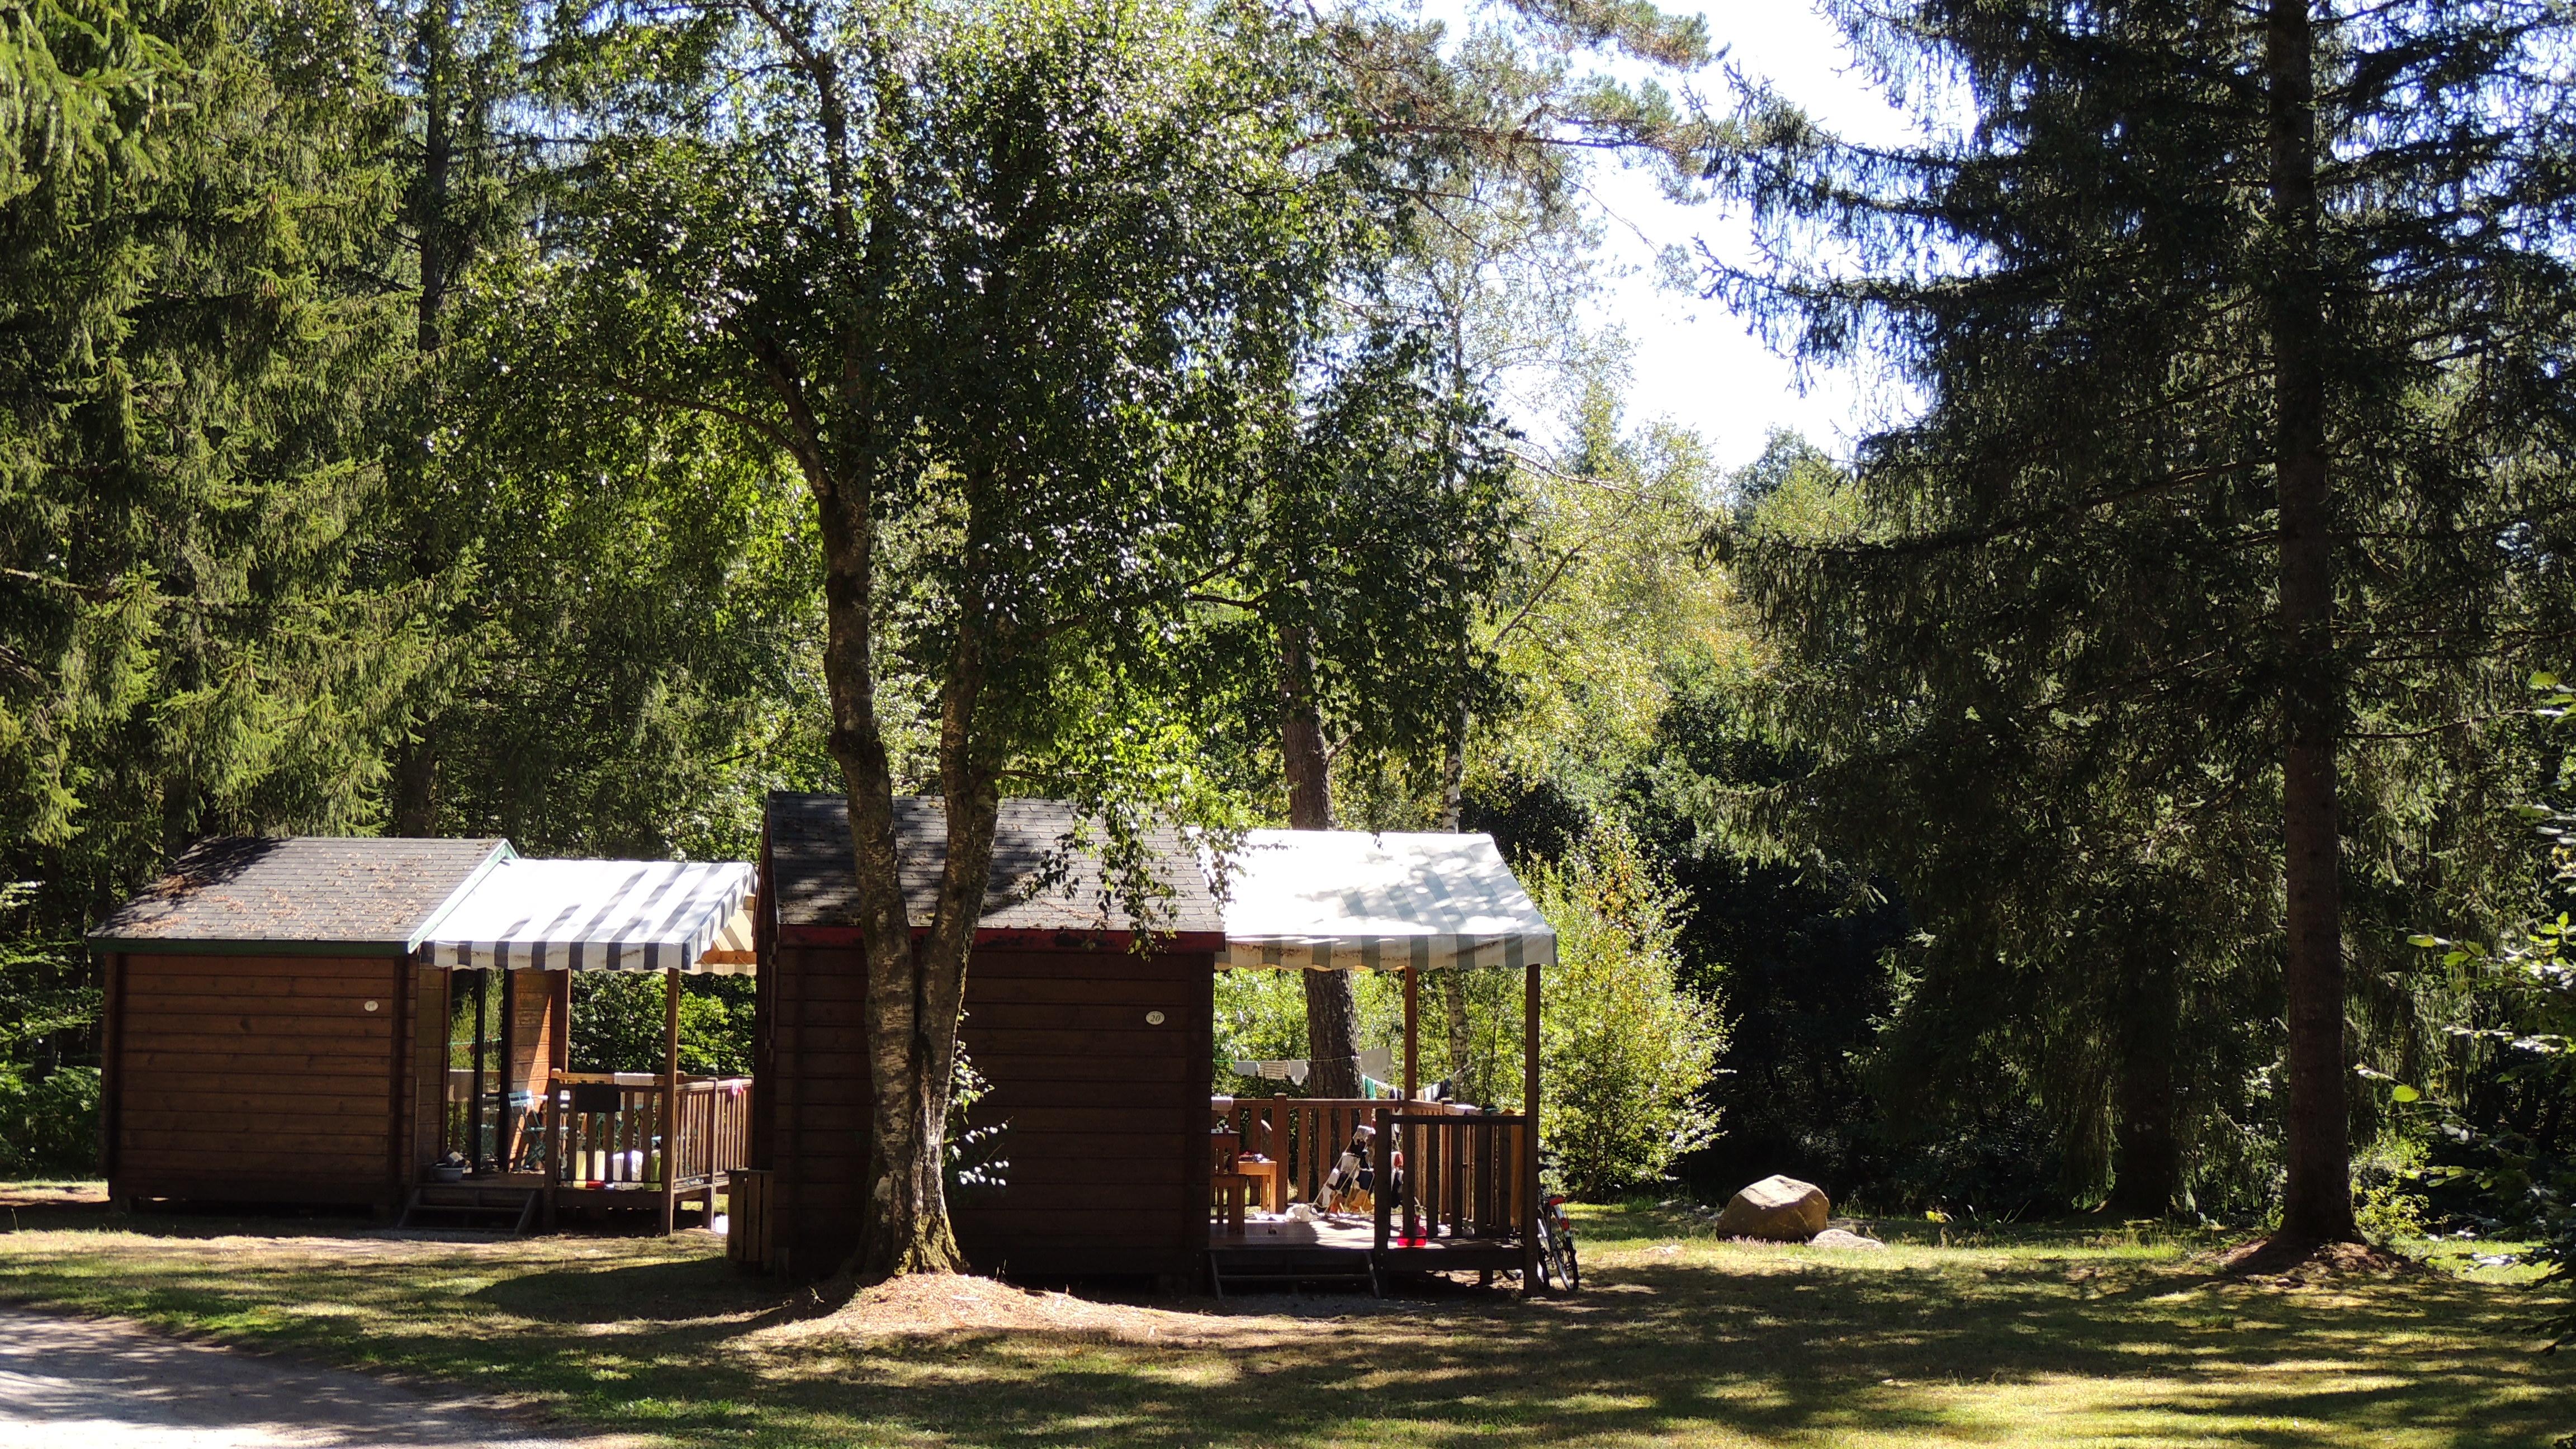 Camping Aux Portes des Mille Sources, Bugeat, Corrèze